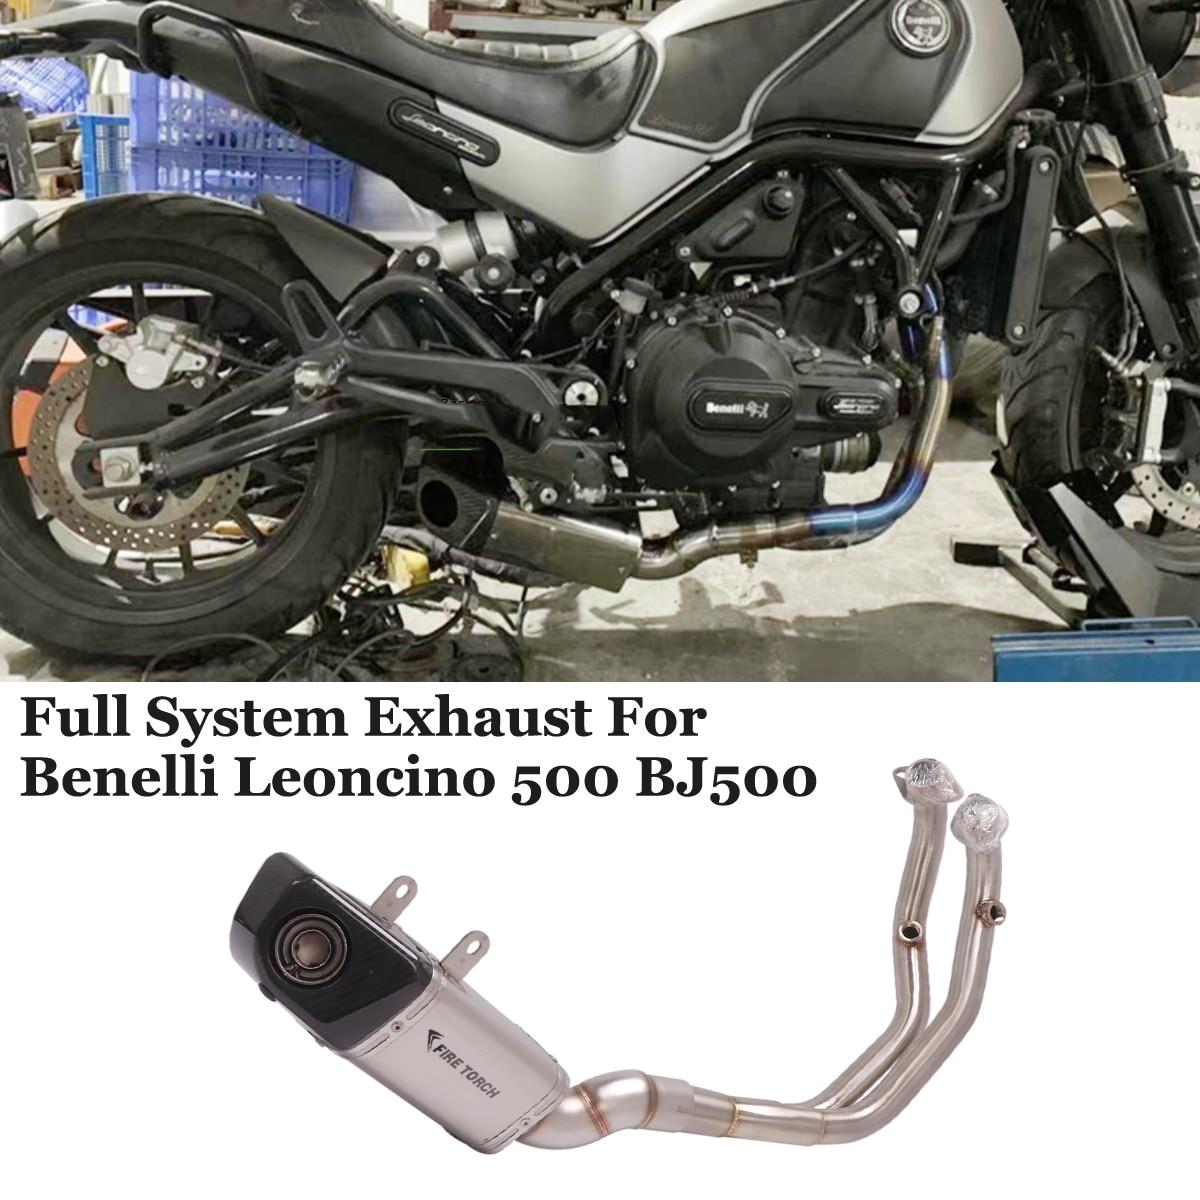 نظام العادم الانزلاقي الكامل مع كاتم الصوت DB Killer ، الكربون ، لدراجة نارية بينيلي ليونسينو 500 BJ500